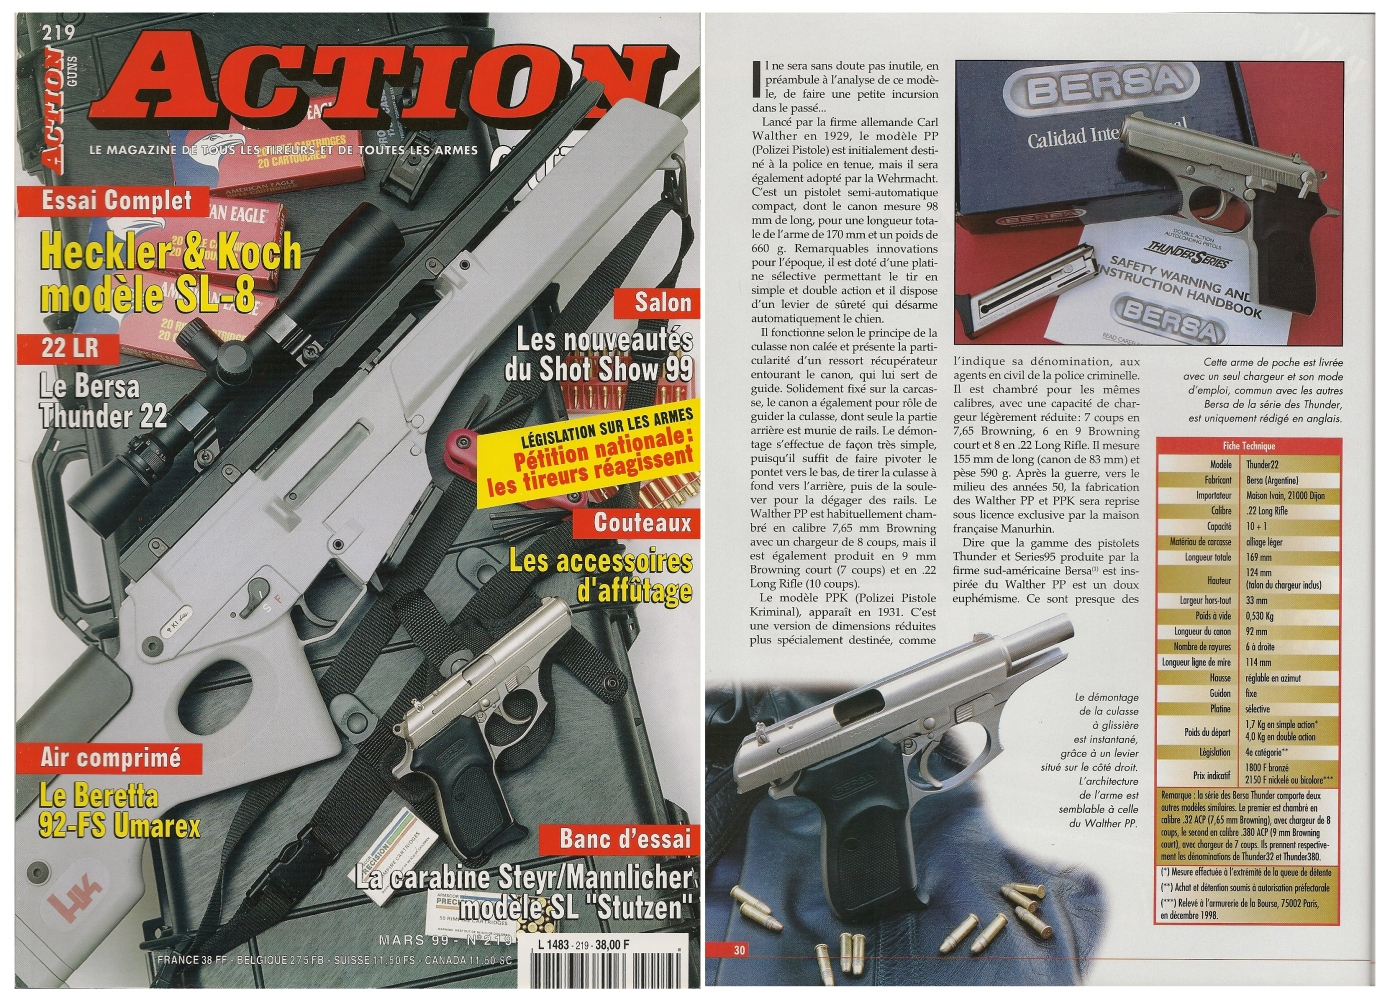 Le banc d'essai du pistolet Bersa Thunder22 a été publié sur 5 pages dans le magazine Action Guns n°219 (mars 1999).